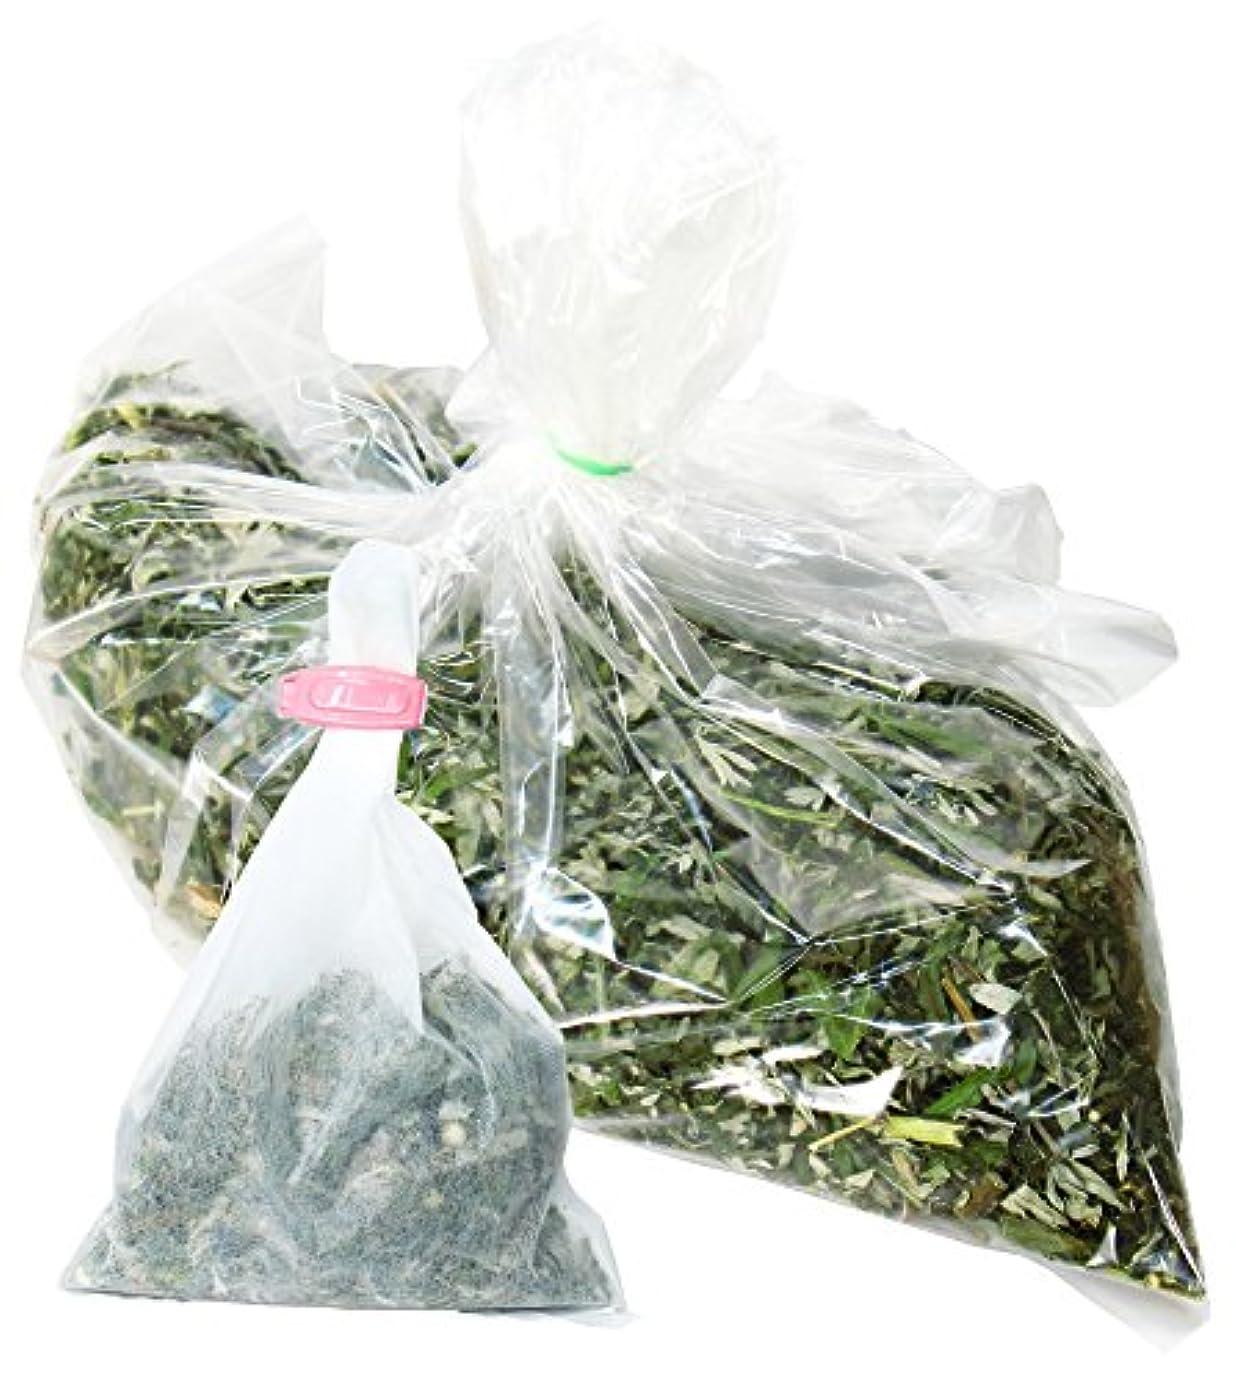 池本物規制自然健康社 よもぎ蒸しのよもぎ 250g 乾燥刻み 煮出し袋10枚付